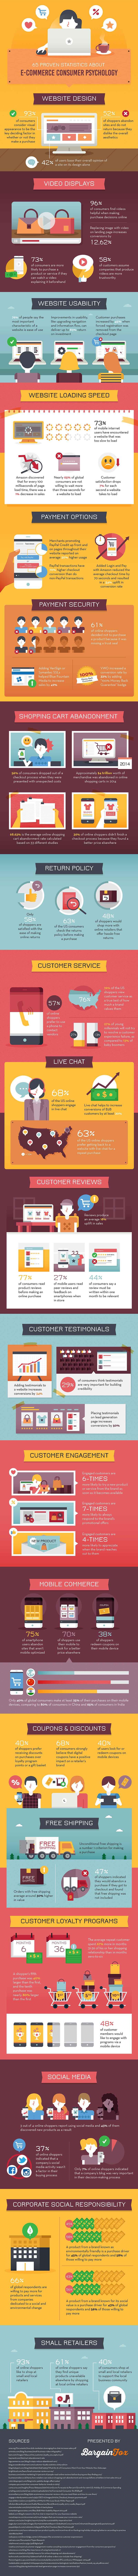 E-commerce Consumer Behavior Statistics